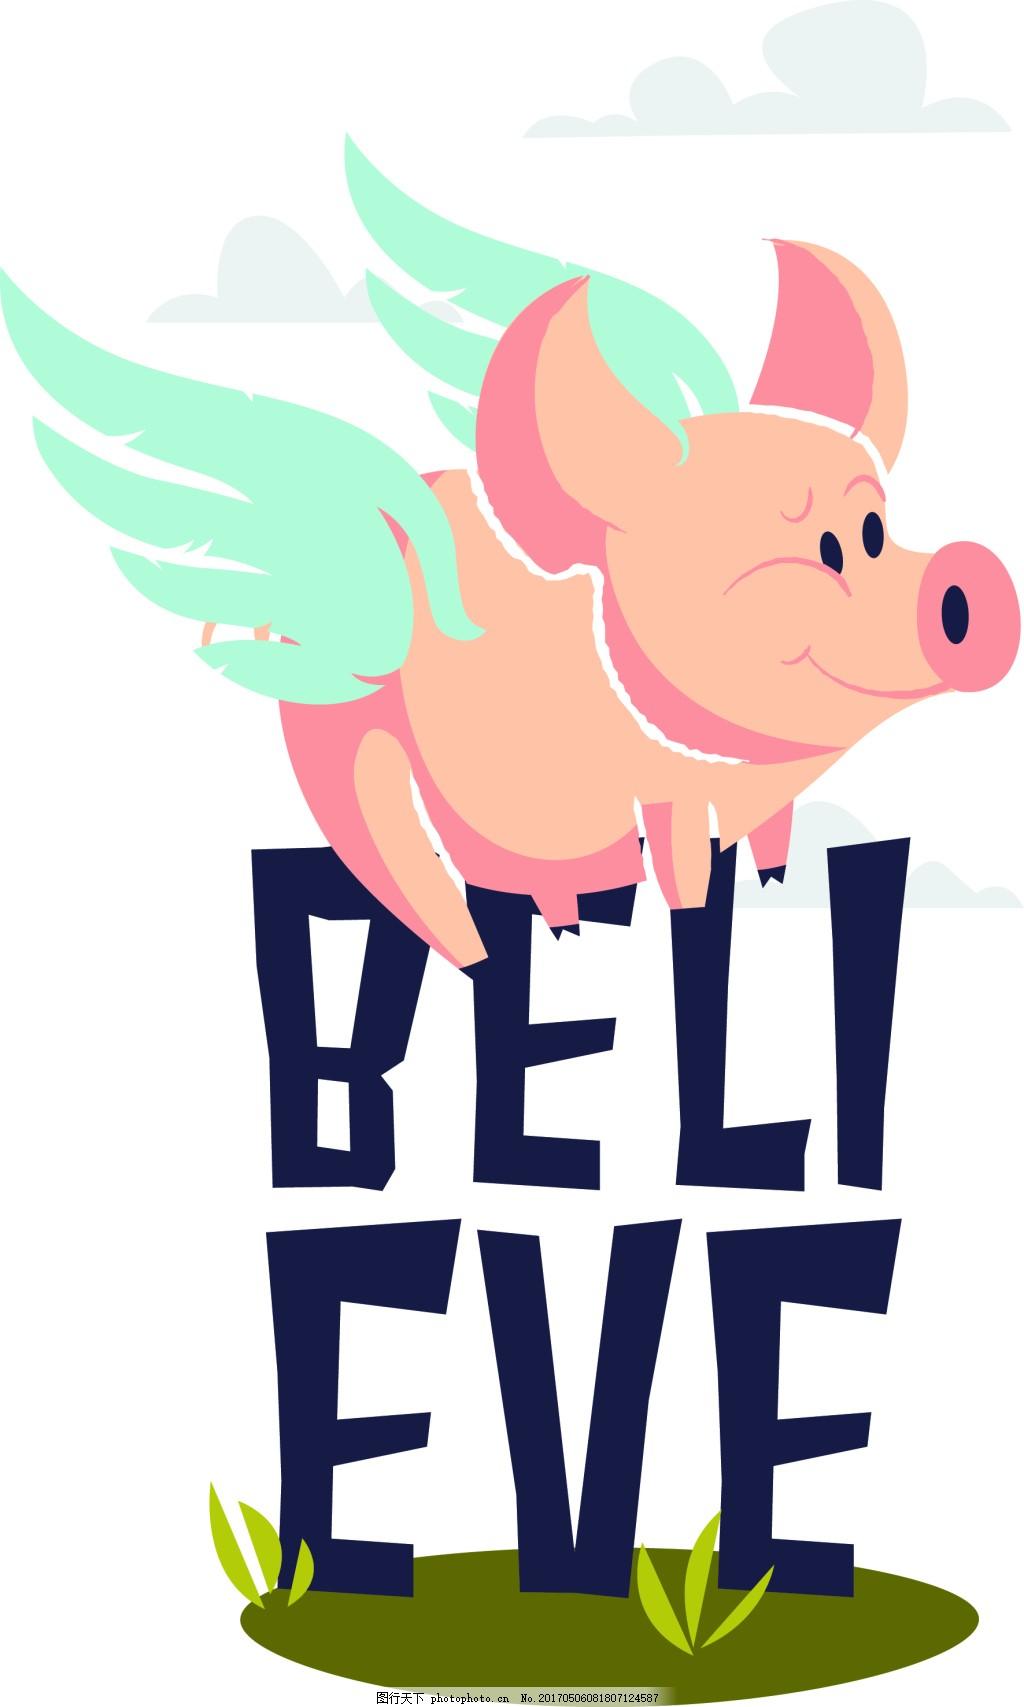 会飞的猪 卡通 动物 小猪 翅膀